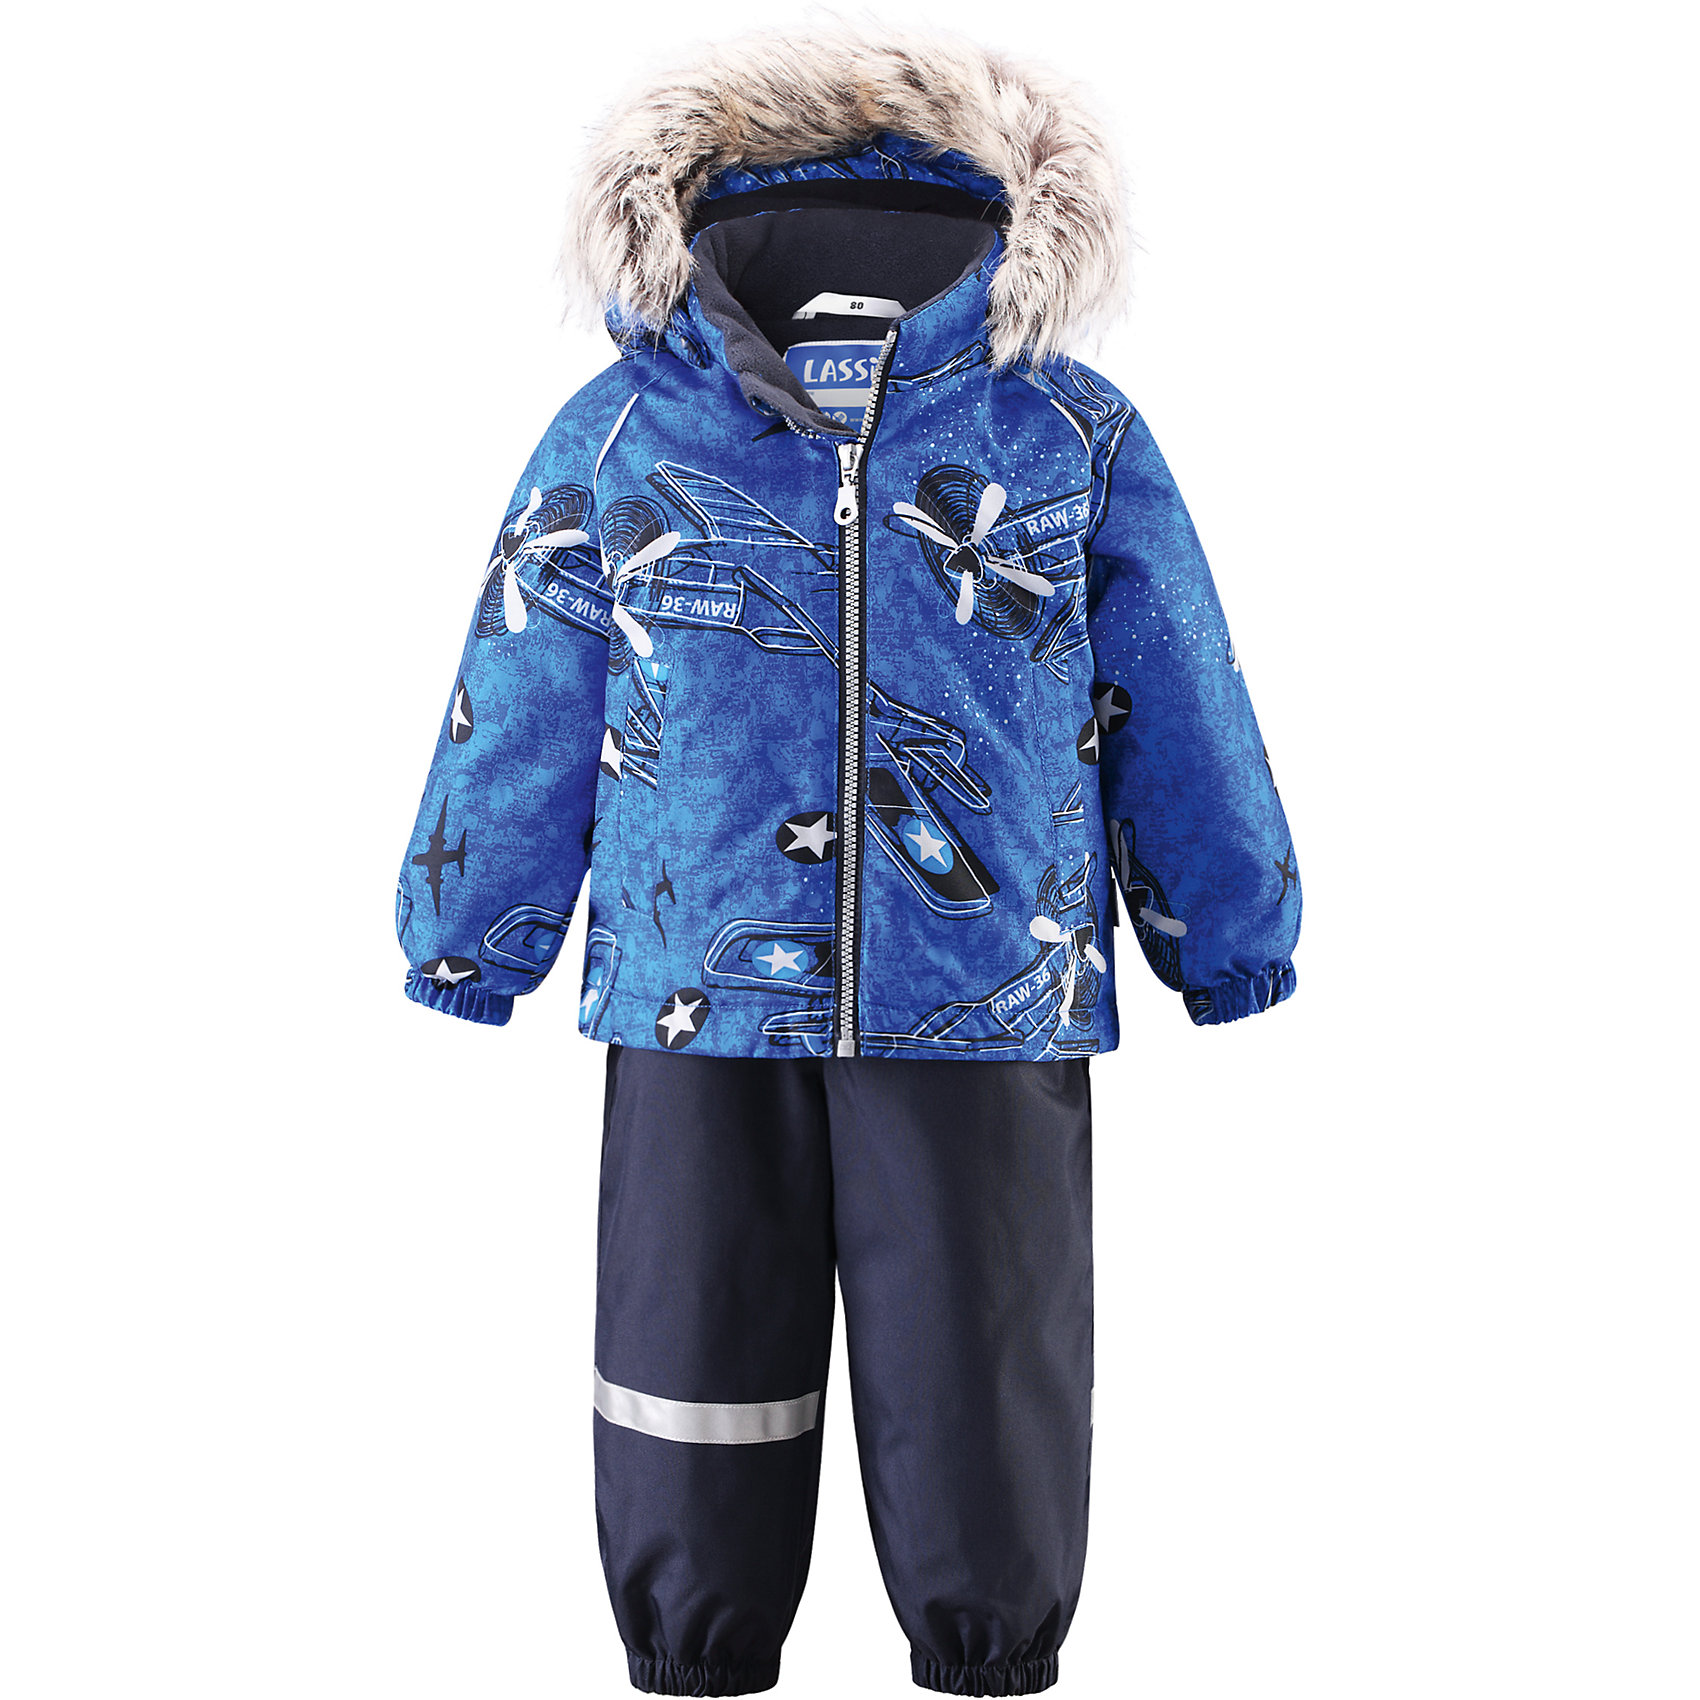 Комплект для мальчика LASSIEОдежда<br>Зимний комбинезон для малышей известной финской марки.<br><br>- Прочный материал. Водоотталкивающий, ветронепроницаемый, «дышащий» и грязеотталкивающий материал.<br>- Задний серединный шов брюк проклеен. <br>- Мягкая теплая подкладка из флиса. <br>- Гладкая подкладка из полиэстра.<br>-  Безопасный съемный капюшон с отсоединяемой меховой каймой из искусственного меха. <br>- Эластичные манжеты. Эластичная талия.<br>-  Регулируемый подол. Эластичные штанины. <br>- Съемные эластичные штрипки. Два прорезных кармана. <br>- Регулируемые эластичные подтяжки.<br>-  Принт по всей поверхности. <br><br>Рекомендации по уходу: Стирать по отдельности, вывернув наизнанку. Перед стиркой отстегните искусственный мех. Застегнуть молнии и липучки. Соблюдать температуру в соответствии с руководством по уходу. Стирать моющим средством, не содержащим отбеливающие вещества. Полоскать без специального средства. Сушение в сушильном шкафу разрешено при  низкой температуре.<br><br>Состав: 100% Полиамид, полиуретановое покрытие.  Утеплитель «Lassie wadding» 140гр.(брюки); 180гр.(куртка).<br><br>Ширина мм: 190<br>Глубина мм: 74<br>Высота мм: 229<br>Вес г: 236<br>Цвет: синий<br>Возраст от месяцев: 6<br>Возраст до месяцев: 9<br>Пол: Мужской<br>Возраст: Детский<br>Размер: 74,98,80,86,92<br>SKU: 4781597